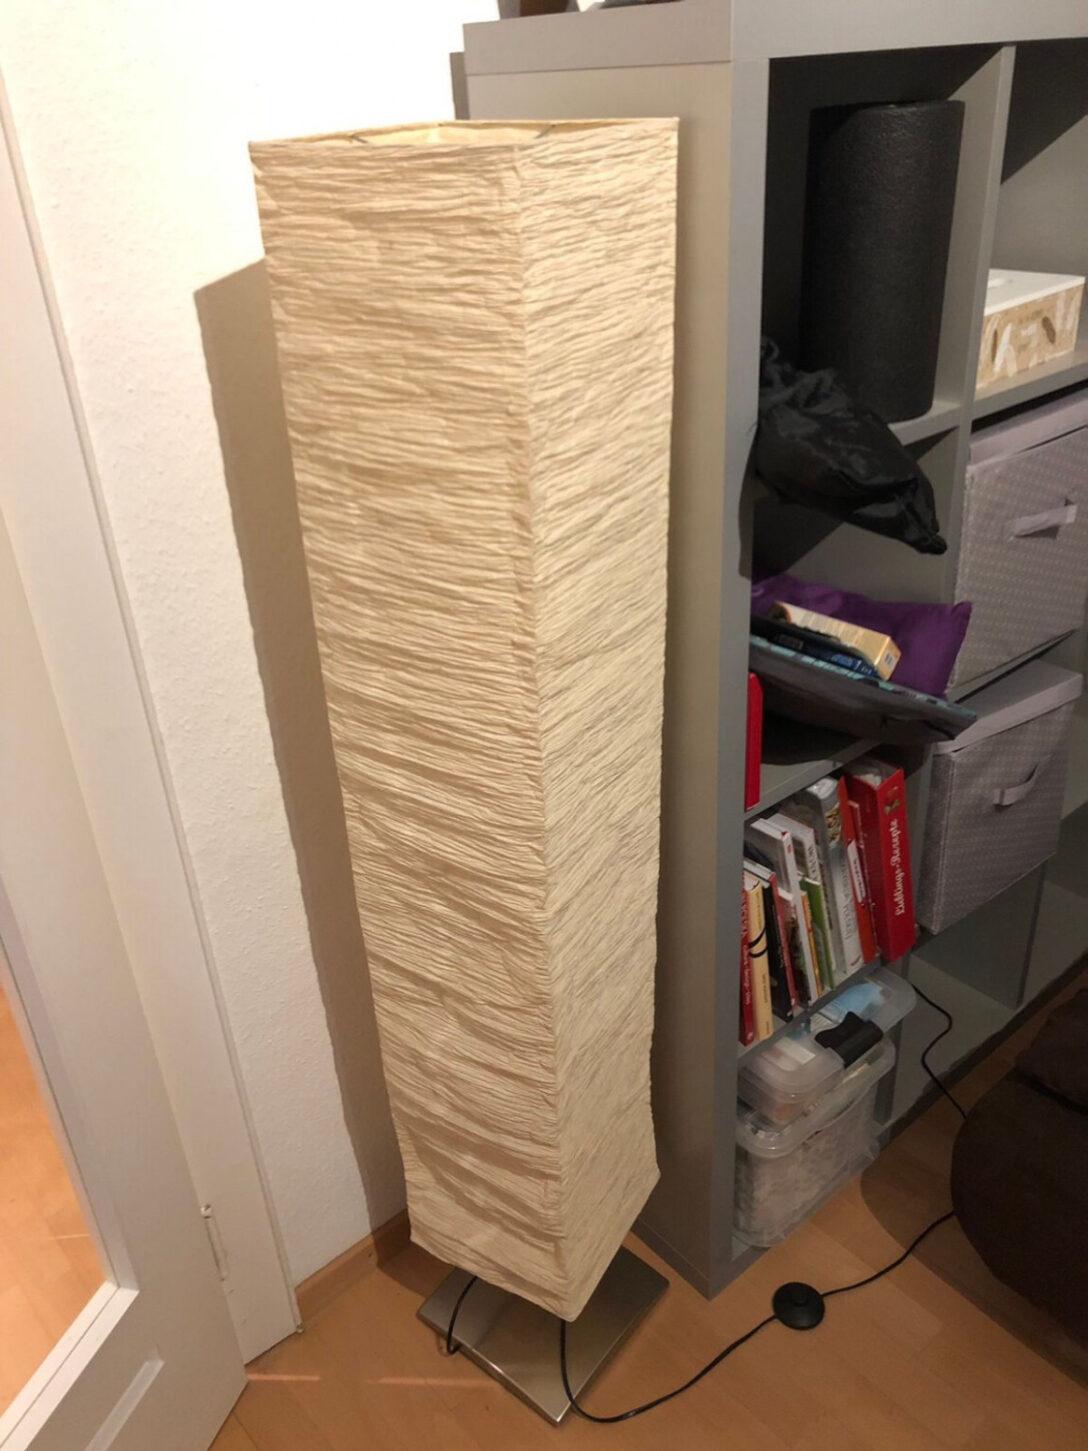 Large Size of Ikea Stehlampen Dimmbar Stehlampe Dimmen Schirm Deckenfluter Papier Ersatzschirm Wohnzimmer Hektar Ohne Lampenschirm Stehlampenschirm Not Stehleuchte Kaputt Wohnzimmer Ikea Stehlampe